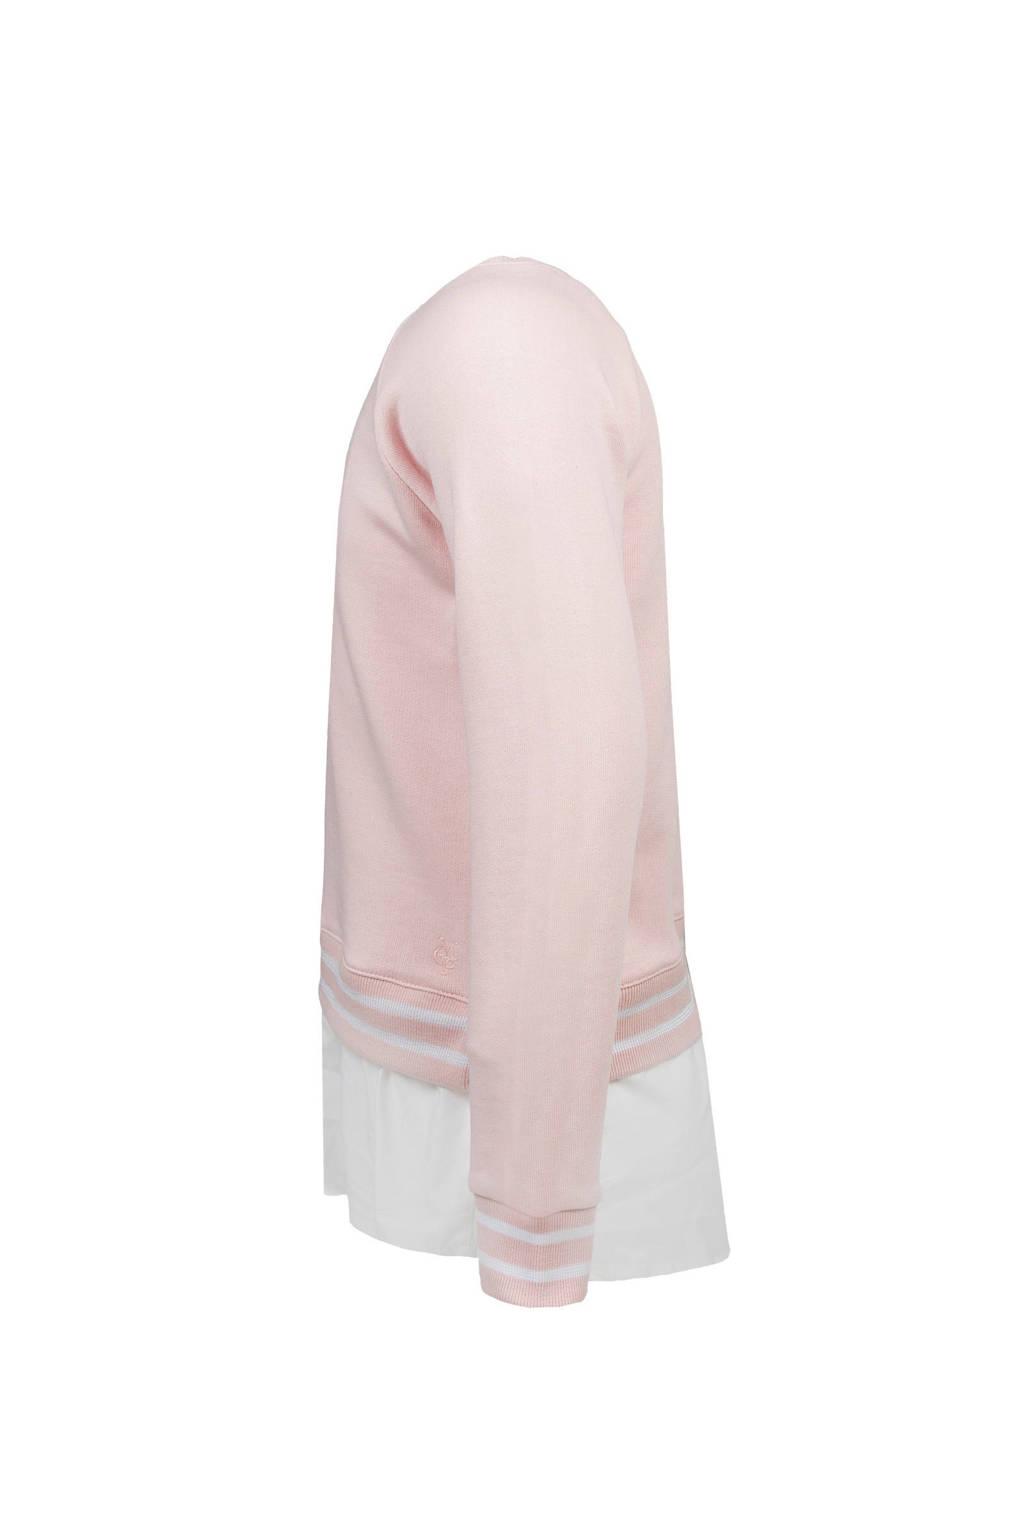 Marc O'Polo sweater met blouse roze, Lichtroze/wit